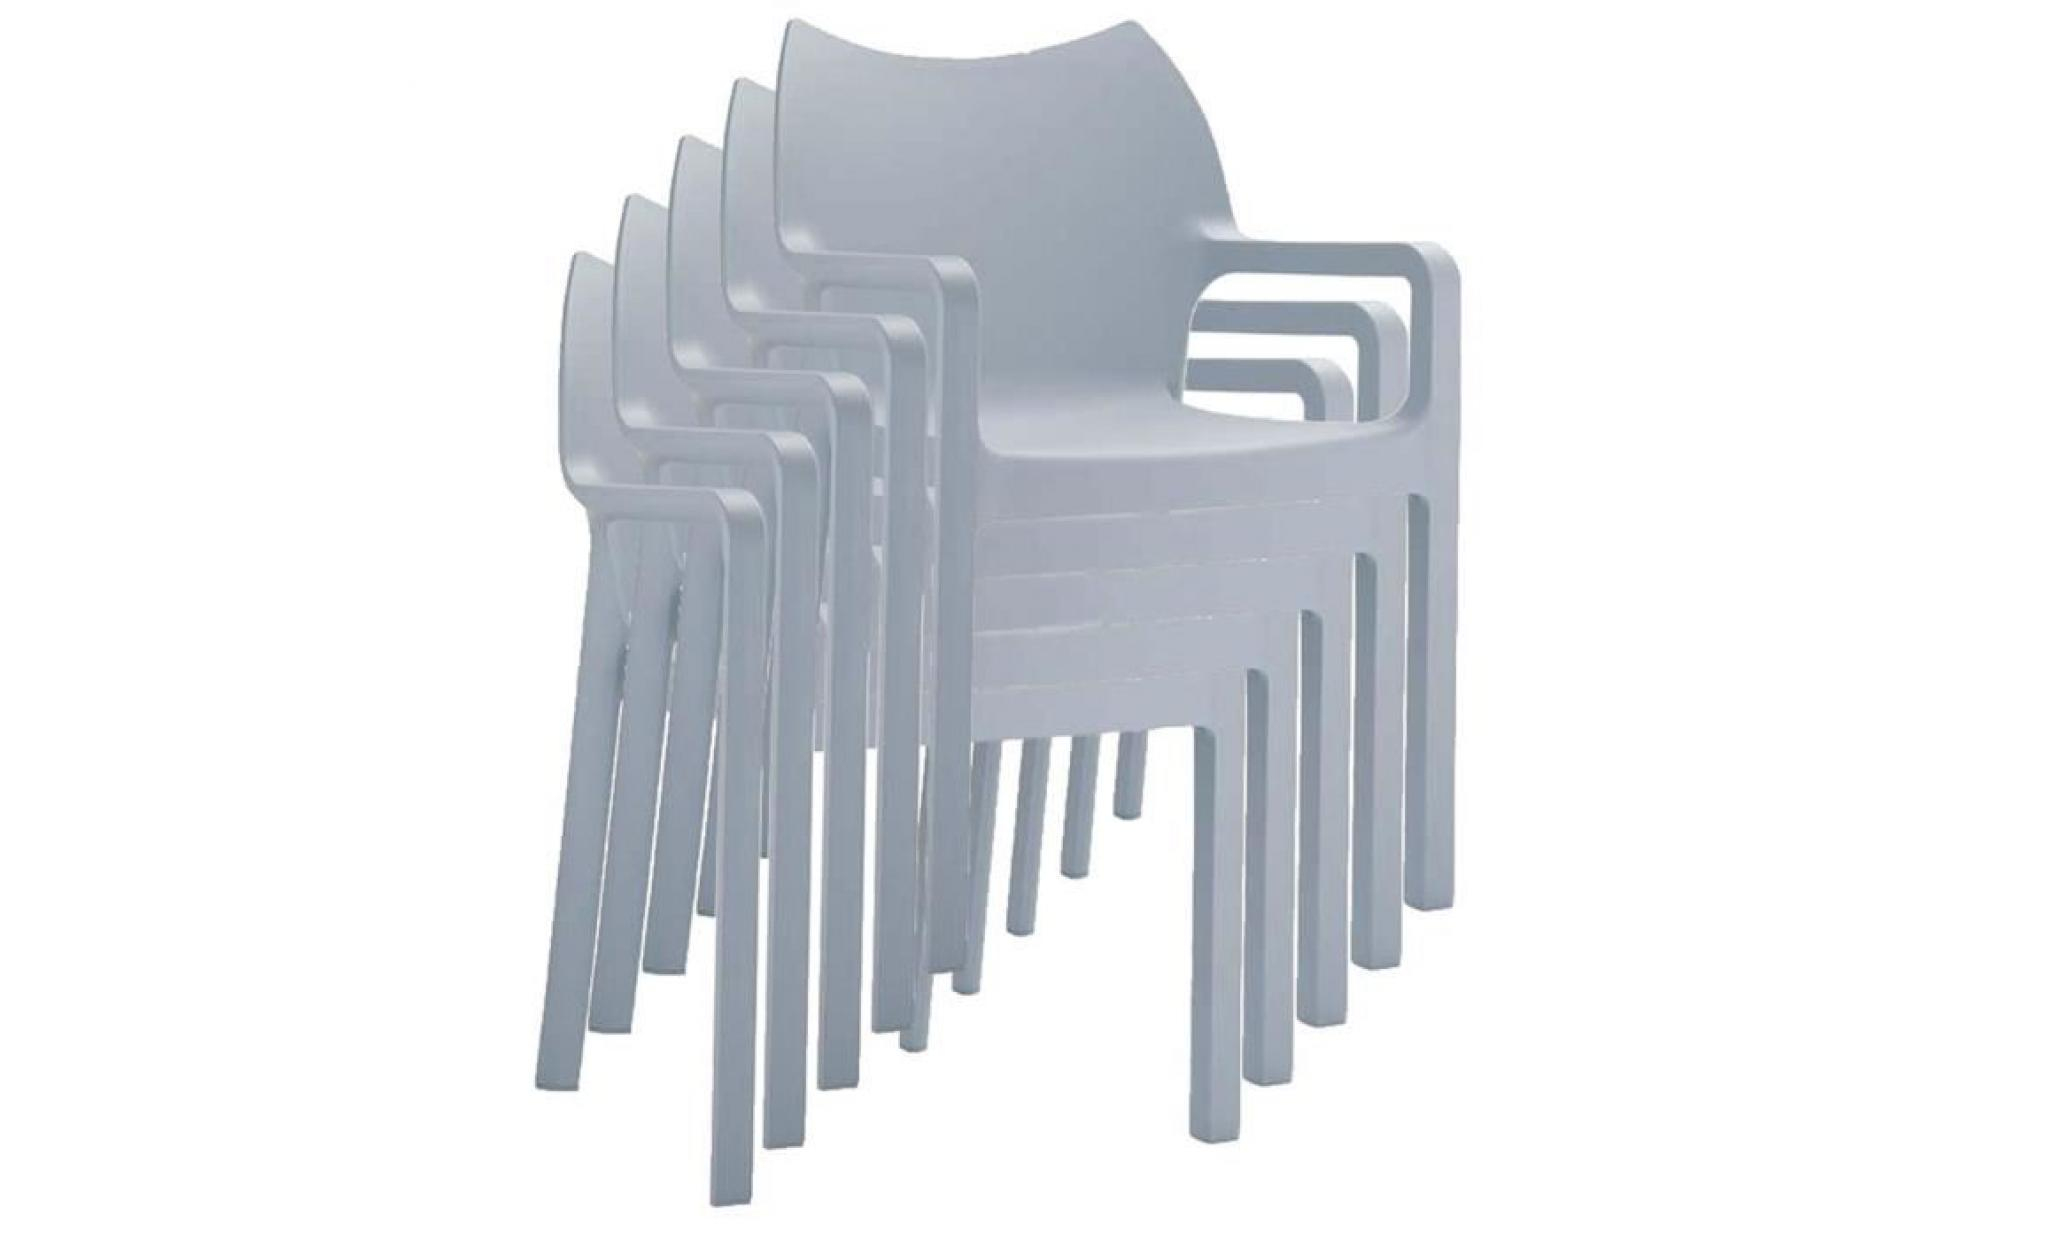 Chaise De Jardin Empilable En Plastique Gris Cl... avec Chaise De Jardin Pas Cher En Plastique